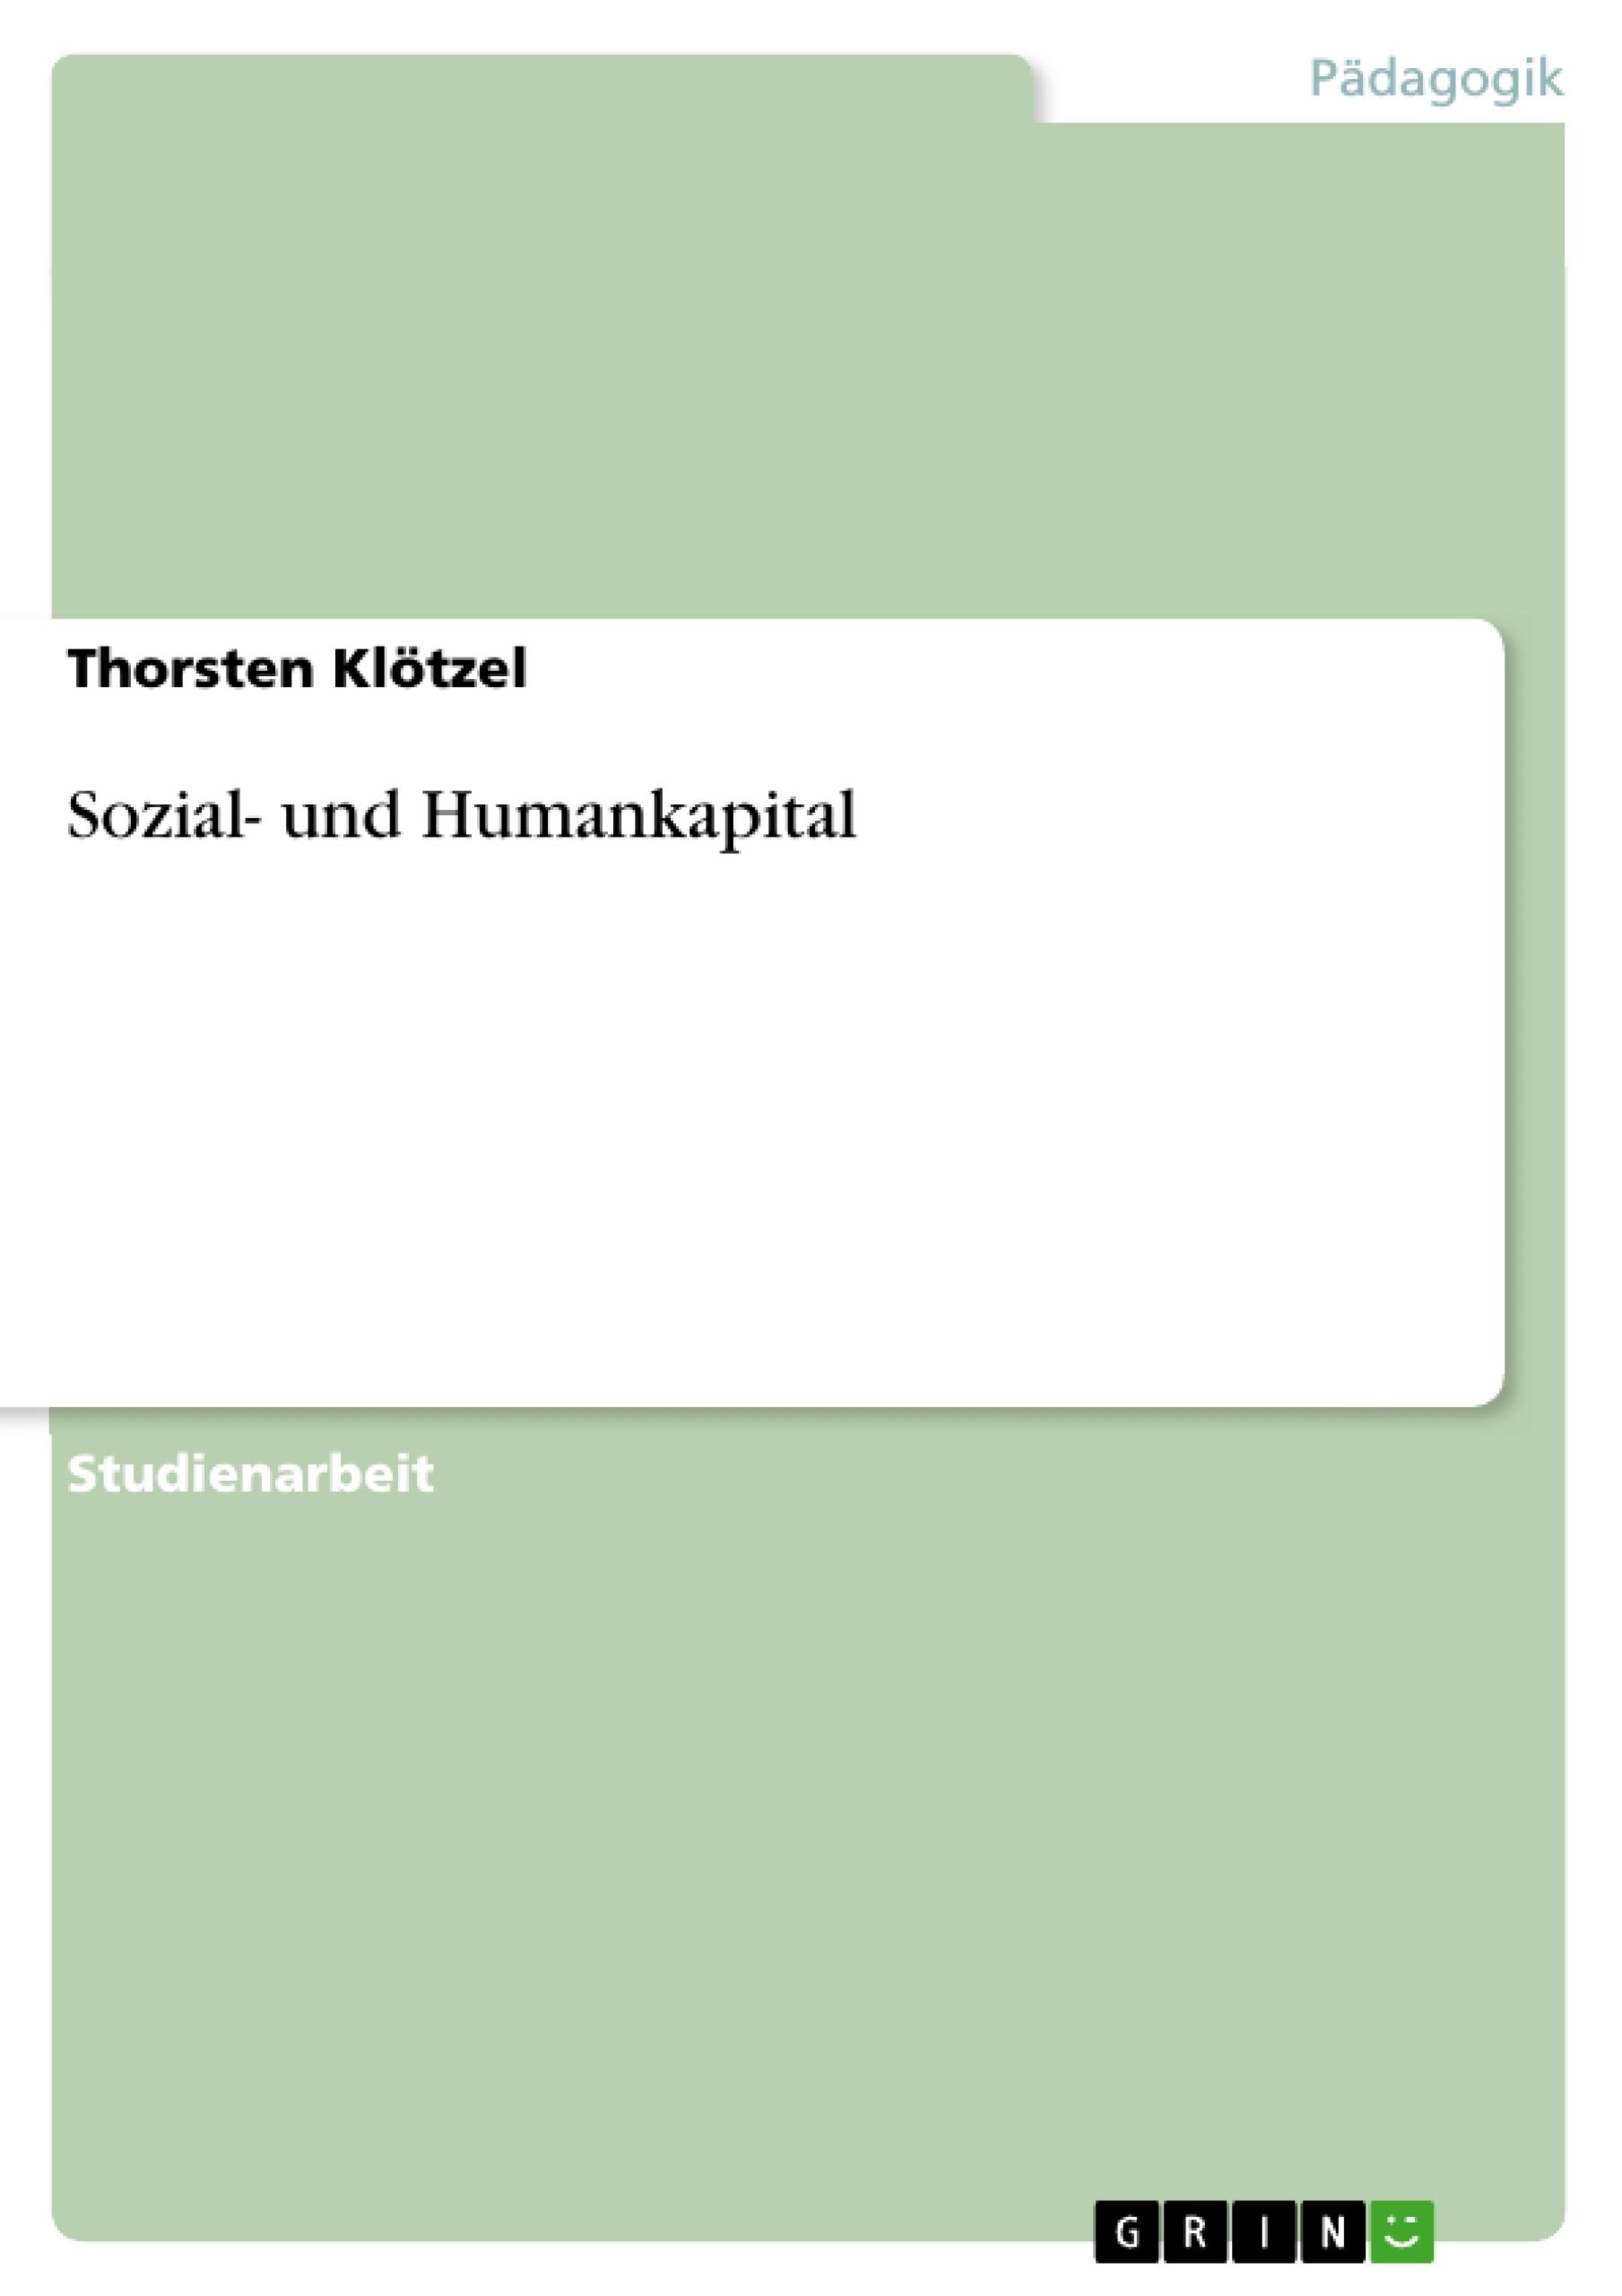 Titel: Sozial- und Humankapital